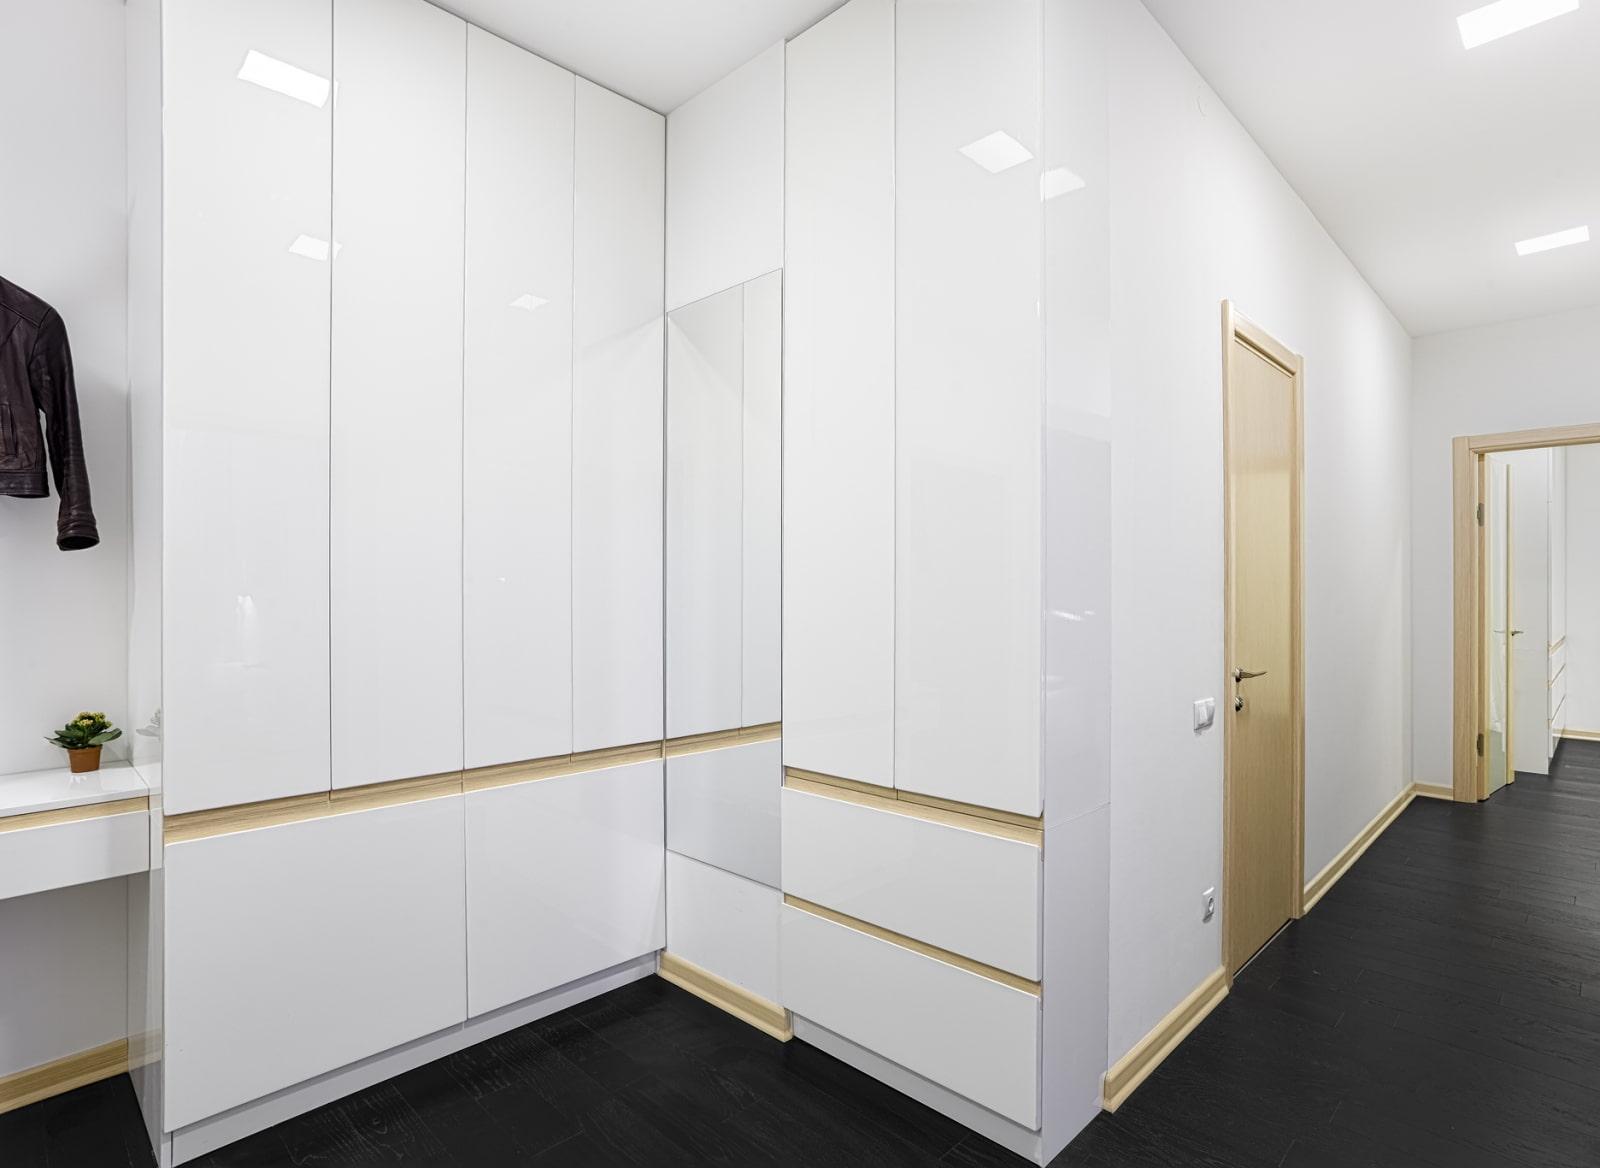 Дизайн узкого коридора: 75 лучших решений экономии пространства